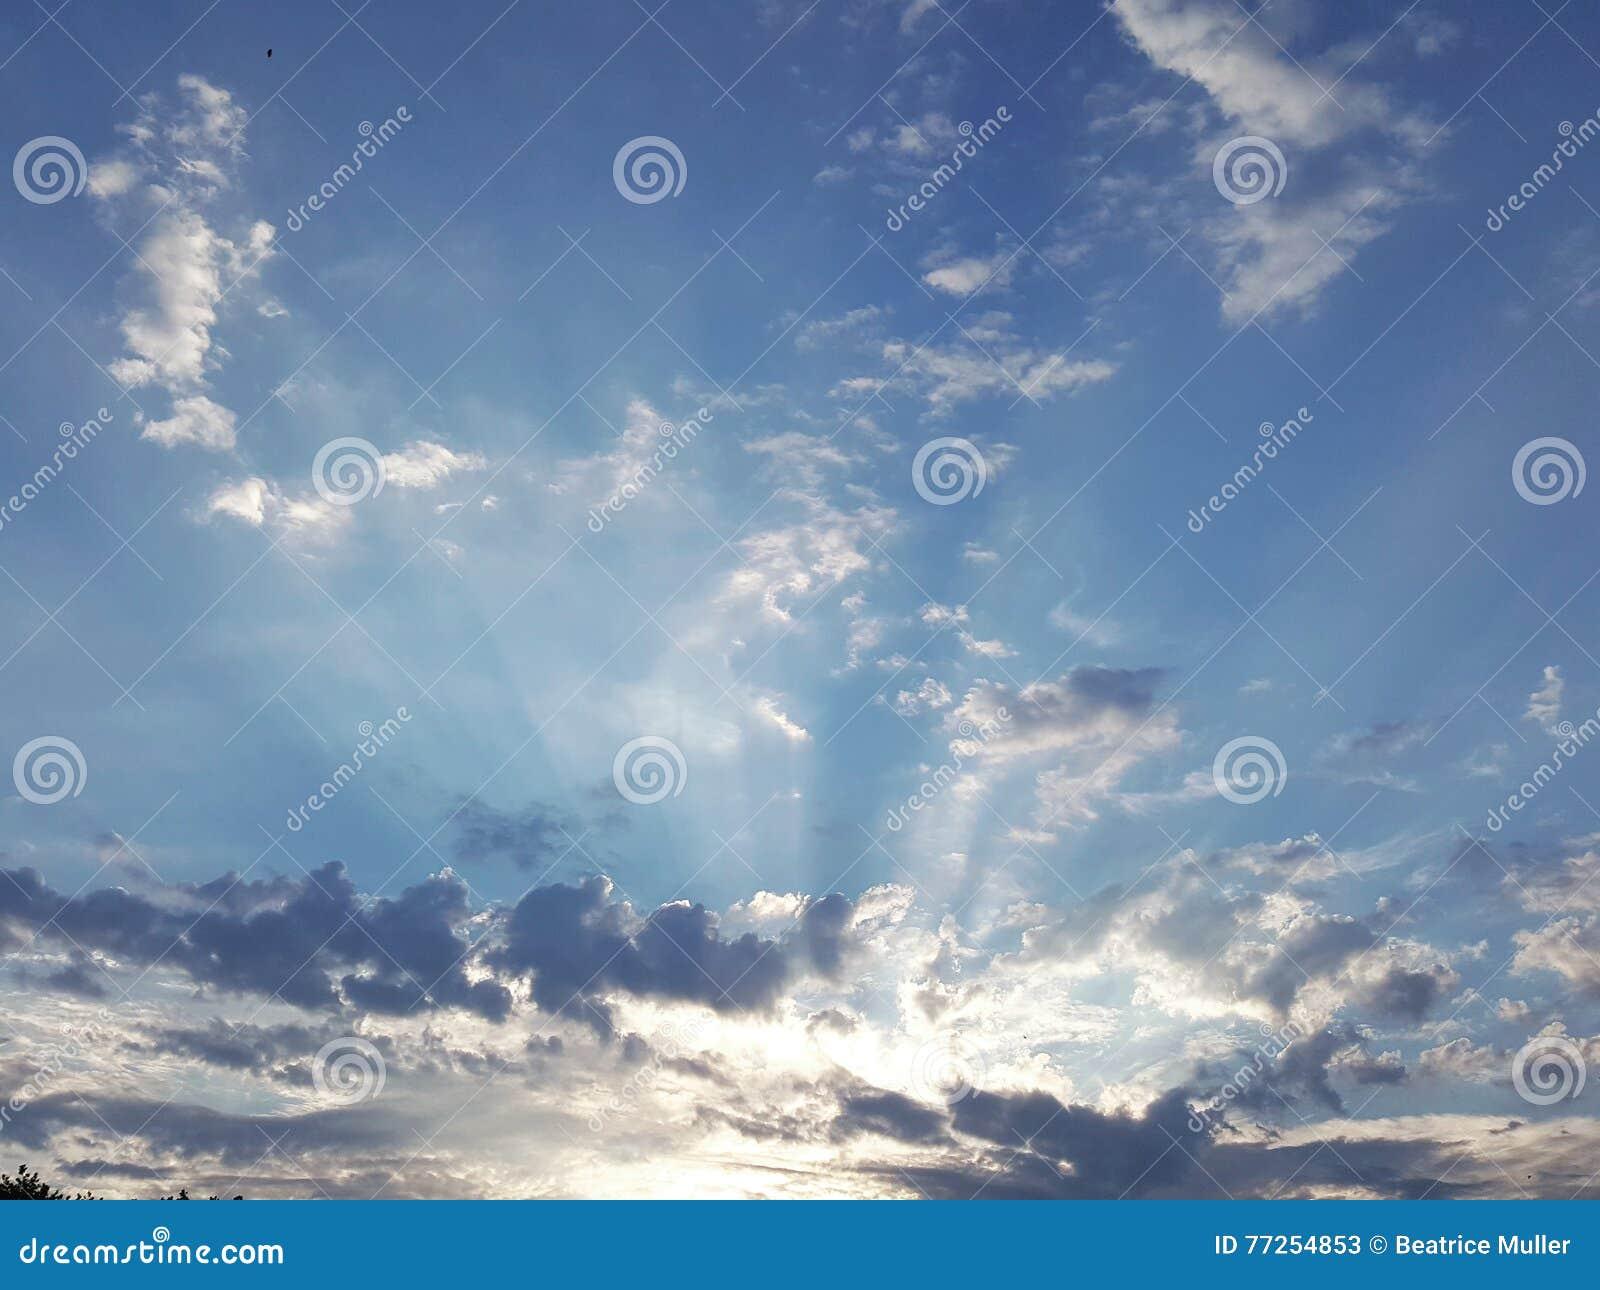 Картинки земля рай природа люди